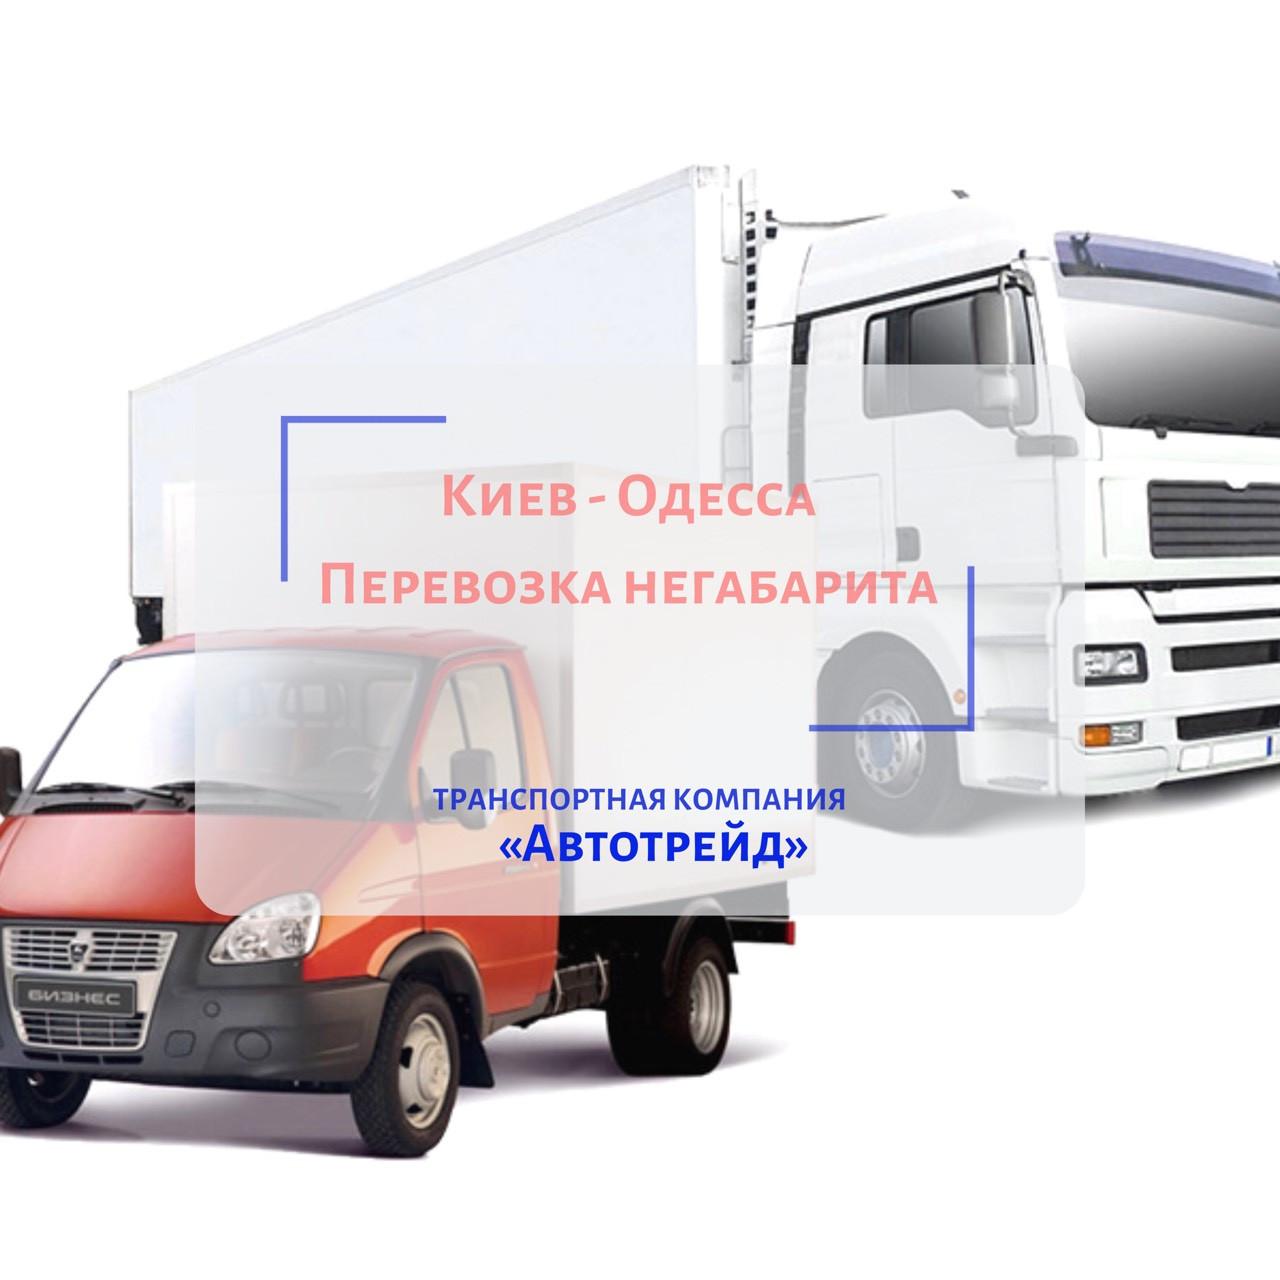 Перевозка негабаритного оборудования Киев - Одесса. Заявка